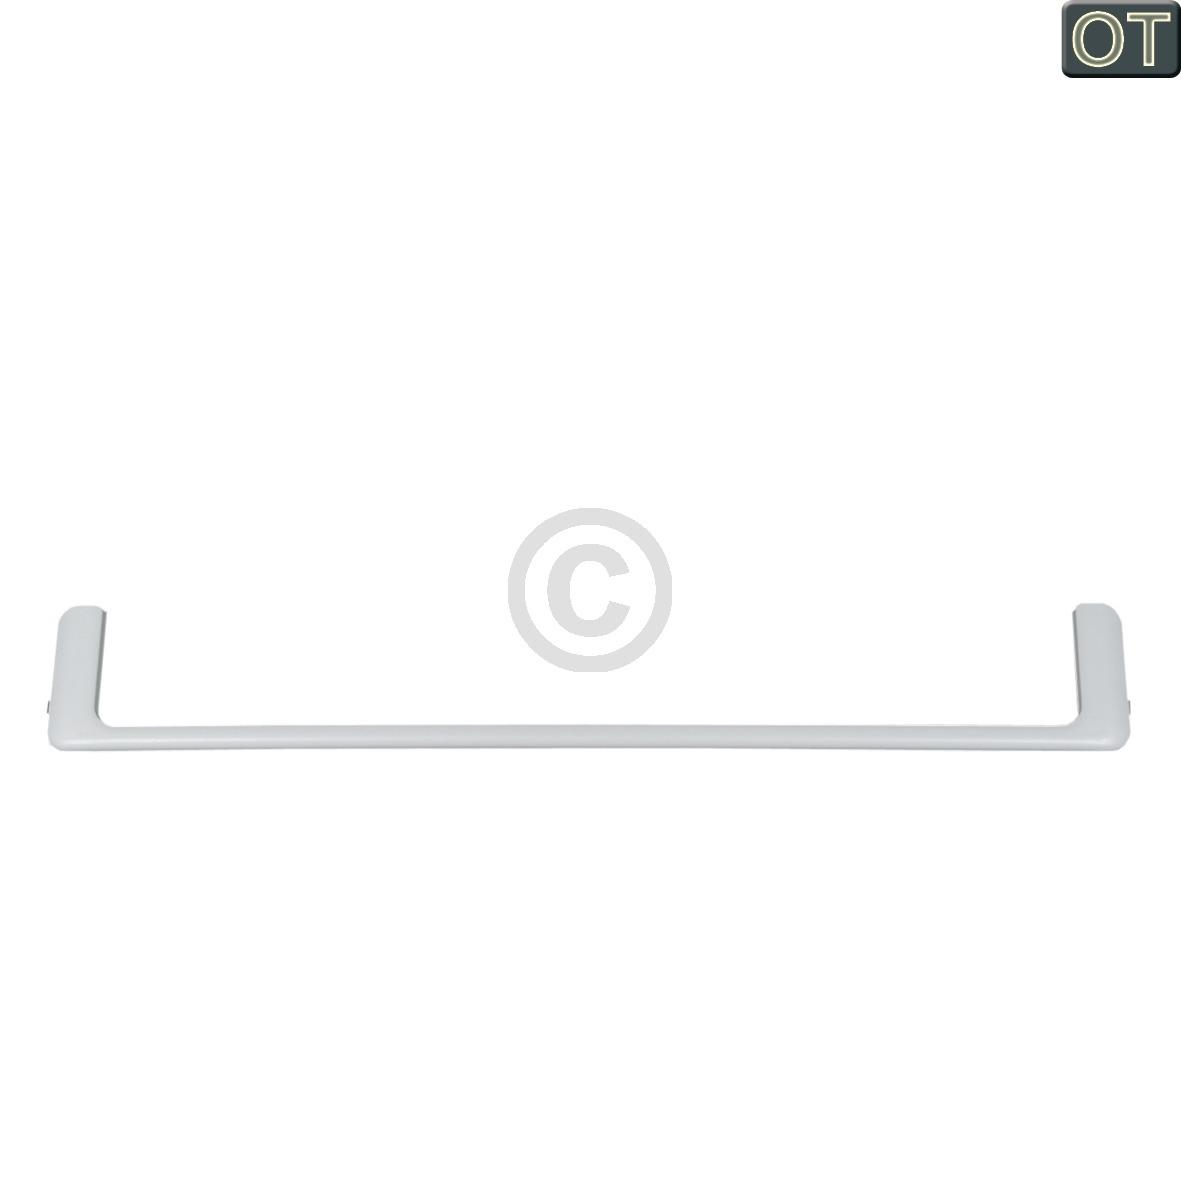 Glasplattenleiste vorne für lange/kurze Glasplatte vorne 7432032 Liebherr